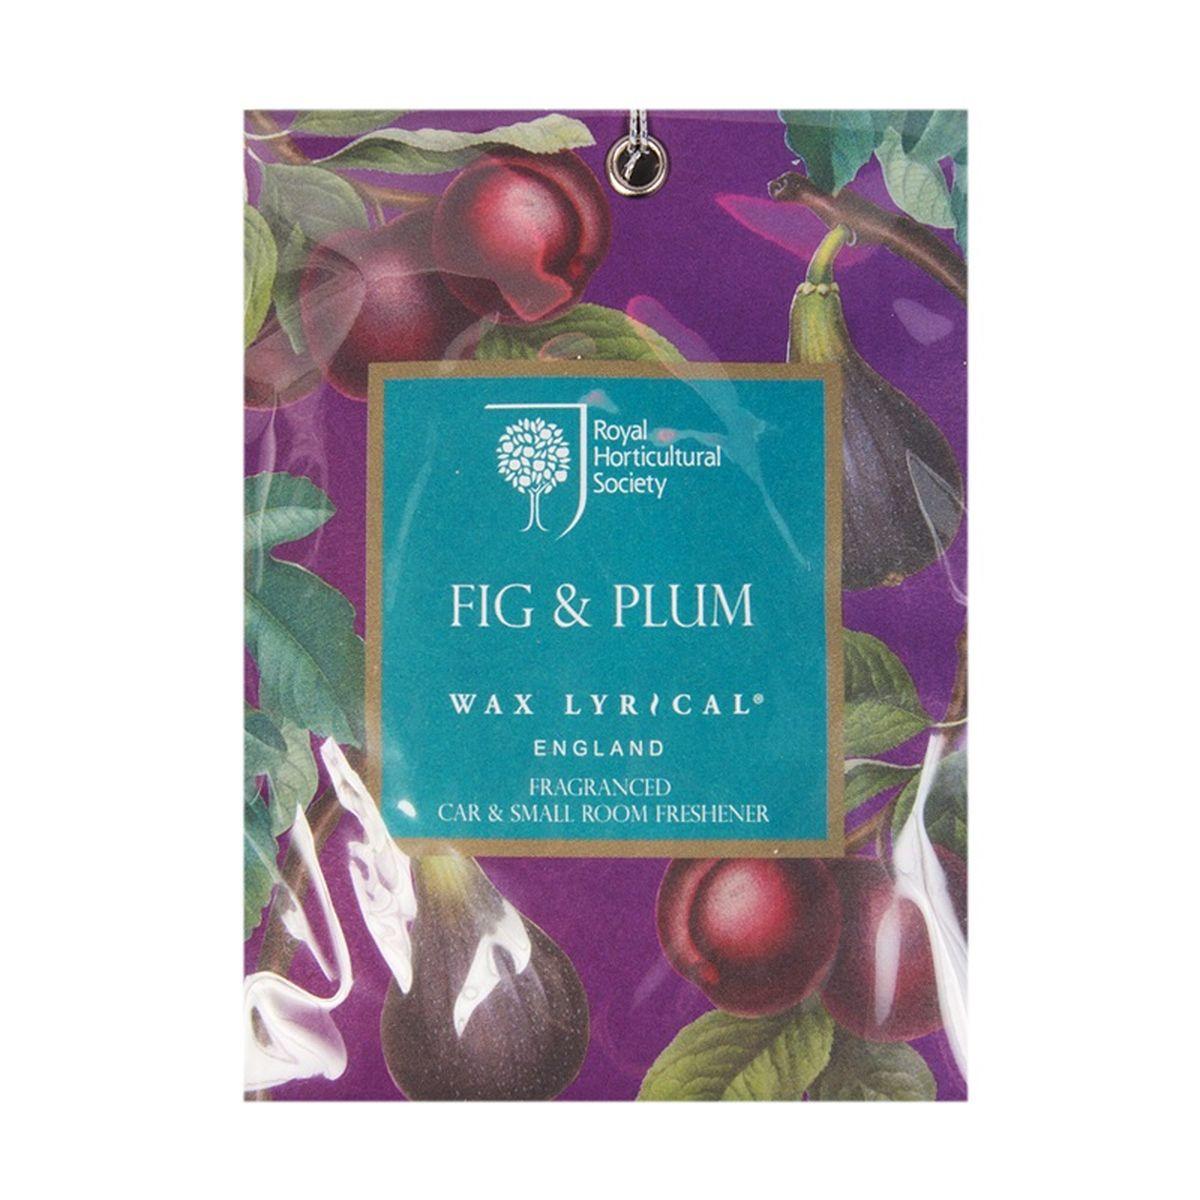 Мини-саше ароматические Wax Lyrical Инжир, 20 гRH5842Сочный аромат инжира с оттенком мирабельской сливы и спелого абрикоса на основе нежных и теплых специй.